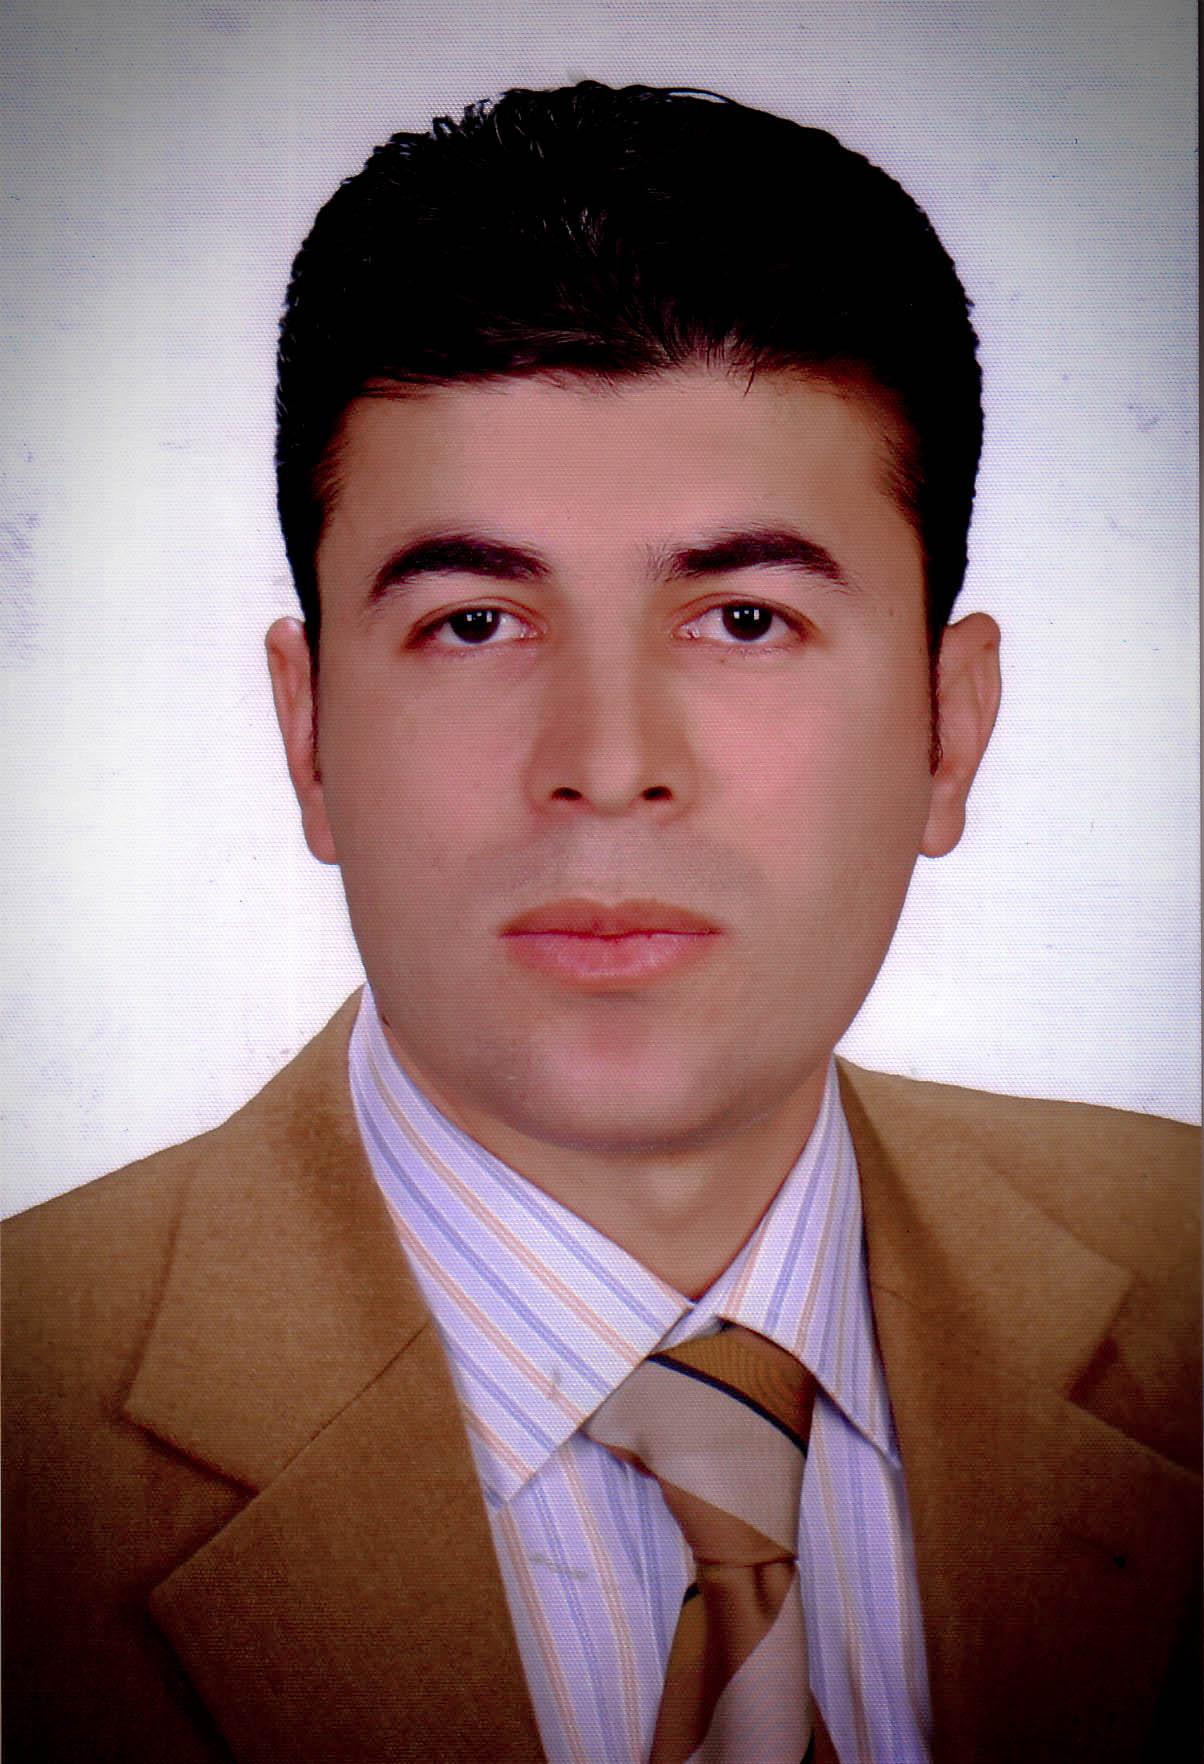 Goran Friad